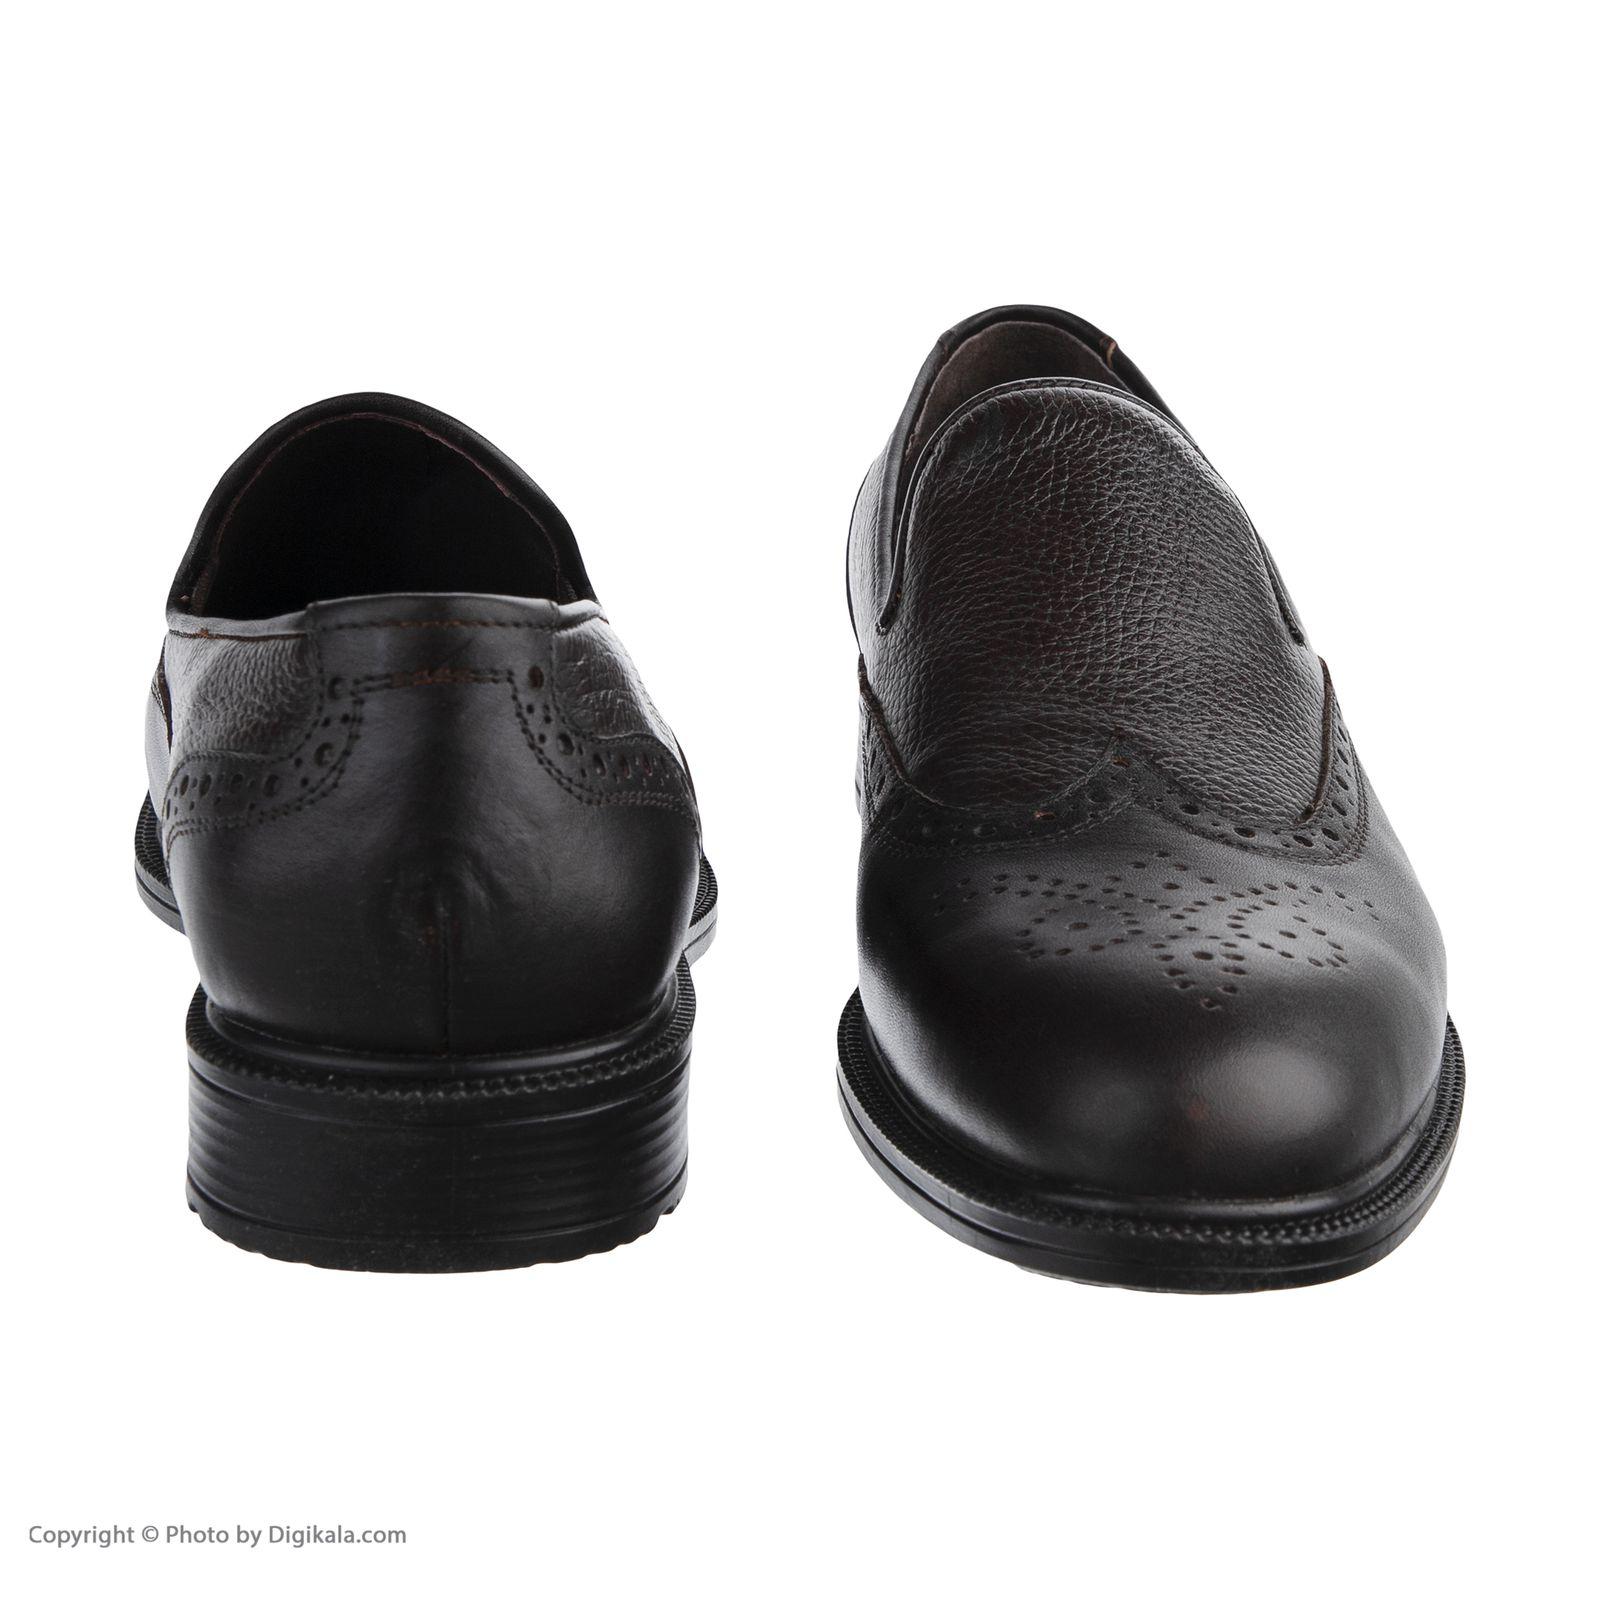 کفش مردانه بلوط مدل 7295A503104 -  - 7